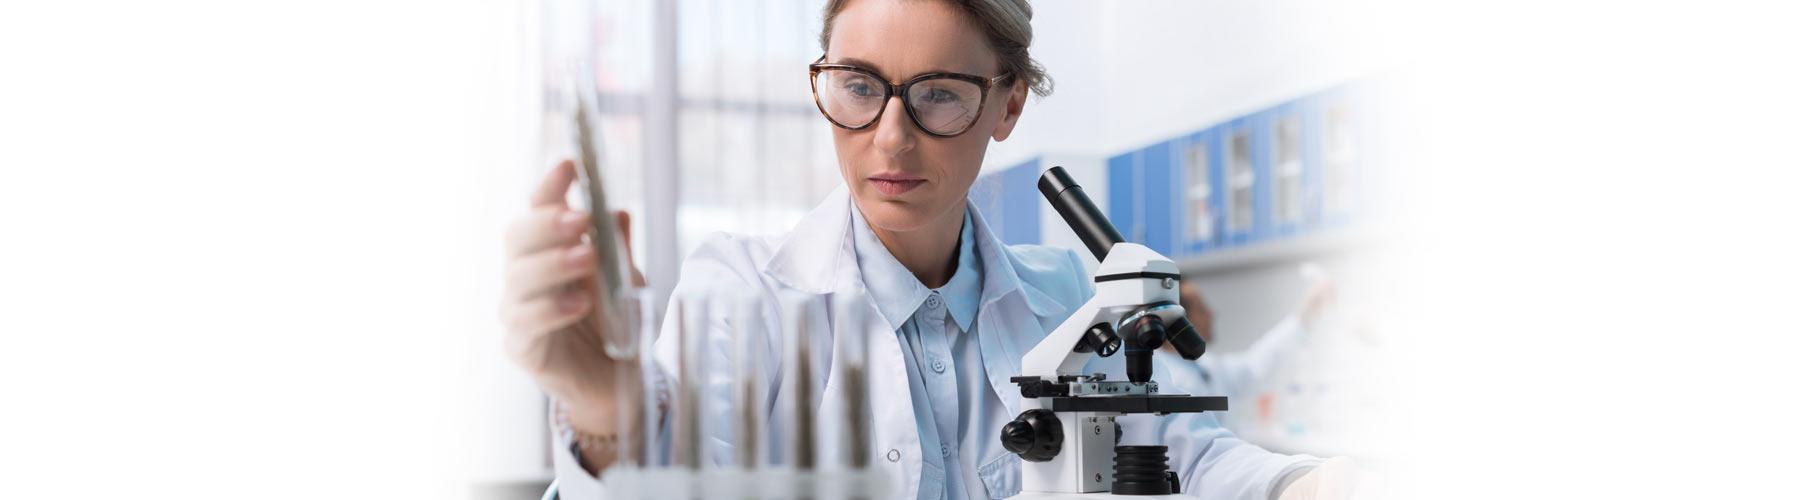 Conocimiento Científico en Ciencias de la Salud